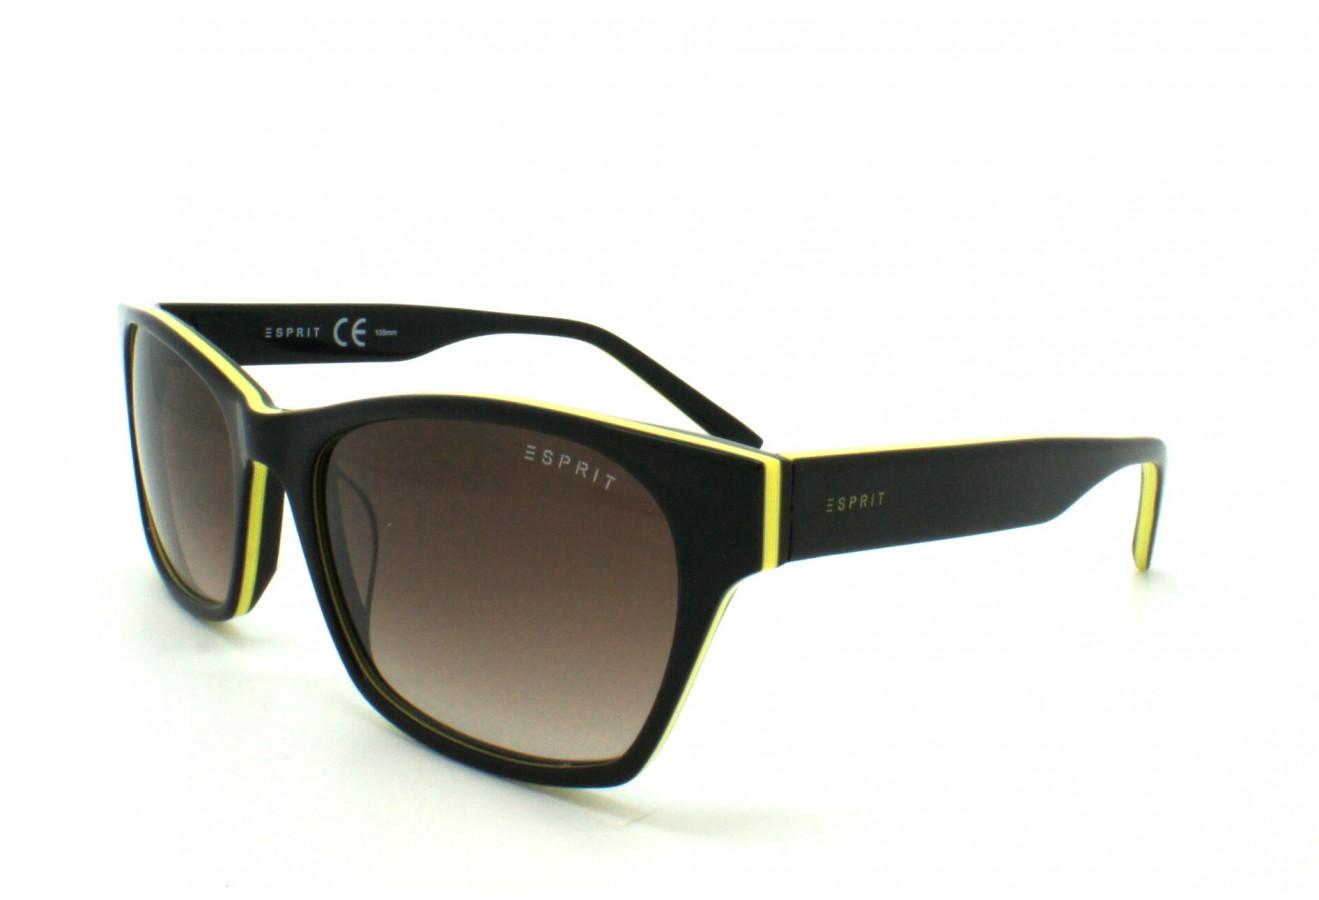 Meilleure vente magasins d'usine Braderie lunettes de soleil femme esprit